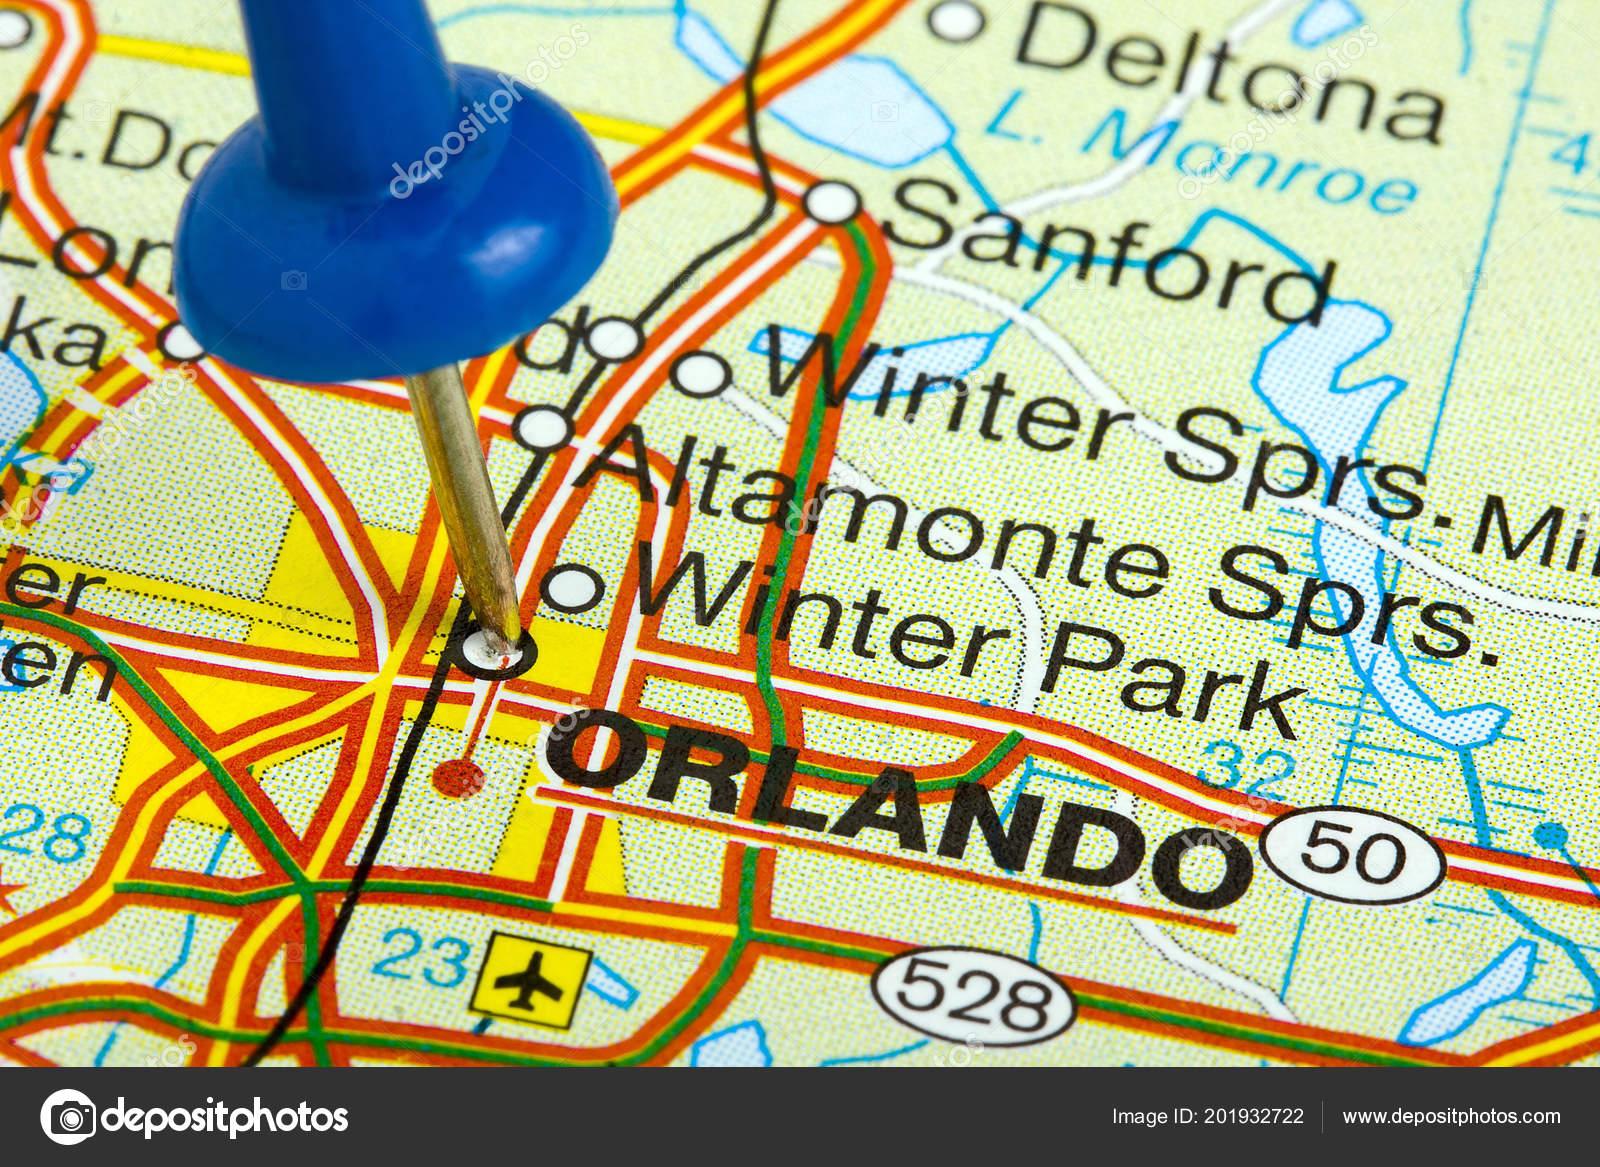 Pushpin Orlando Florida Map Stock Photo C Canbedone 201932722